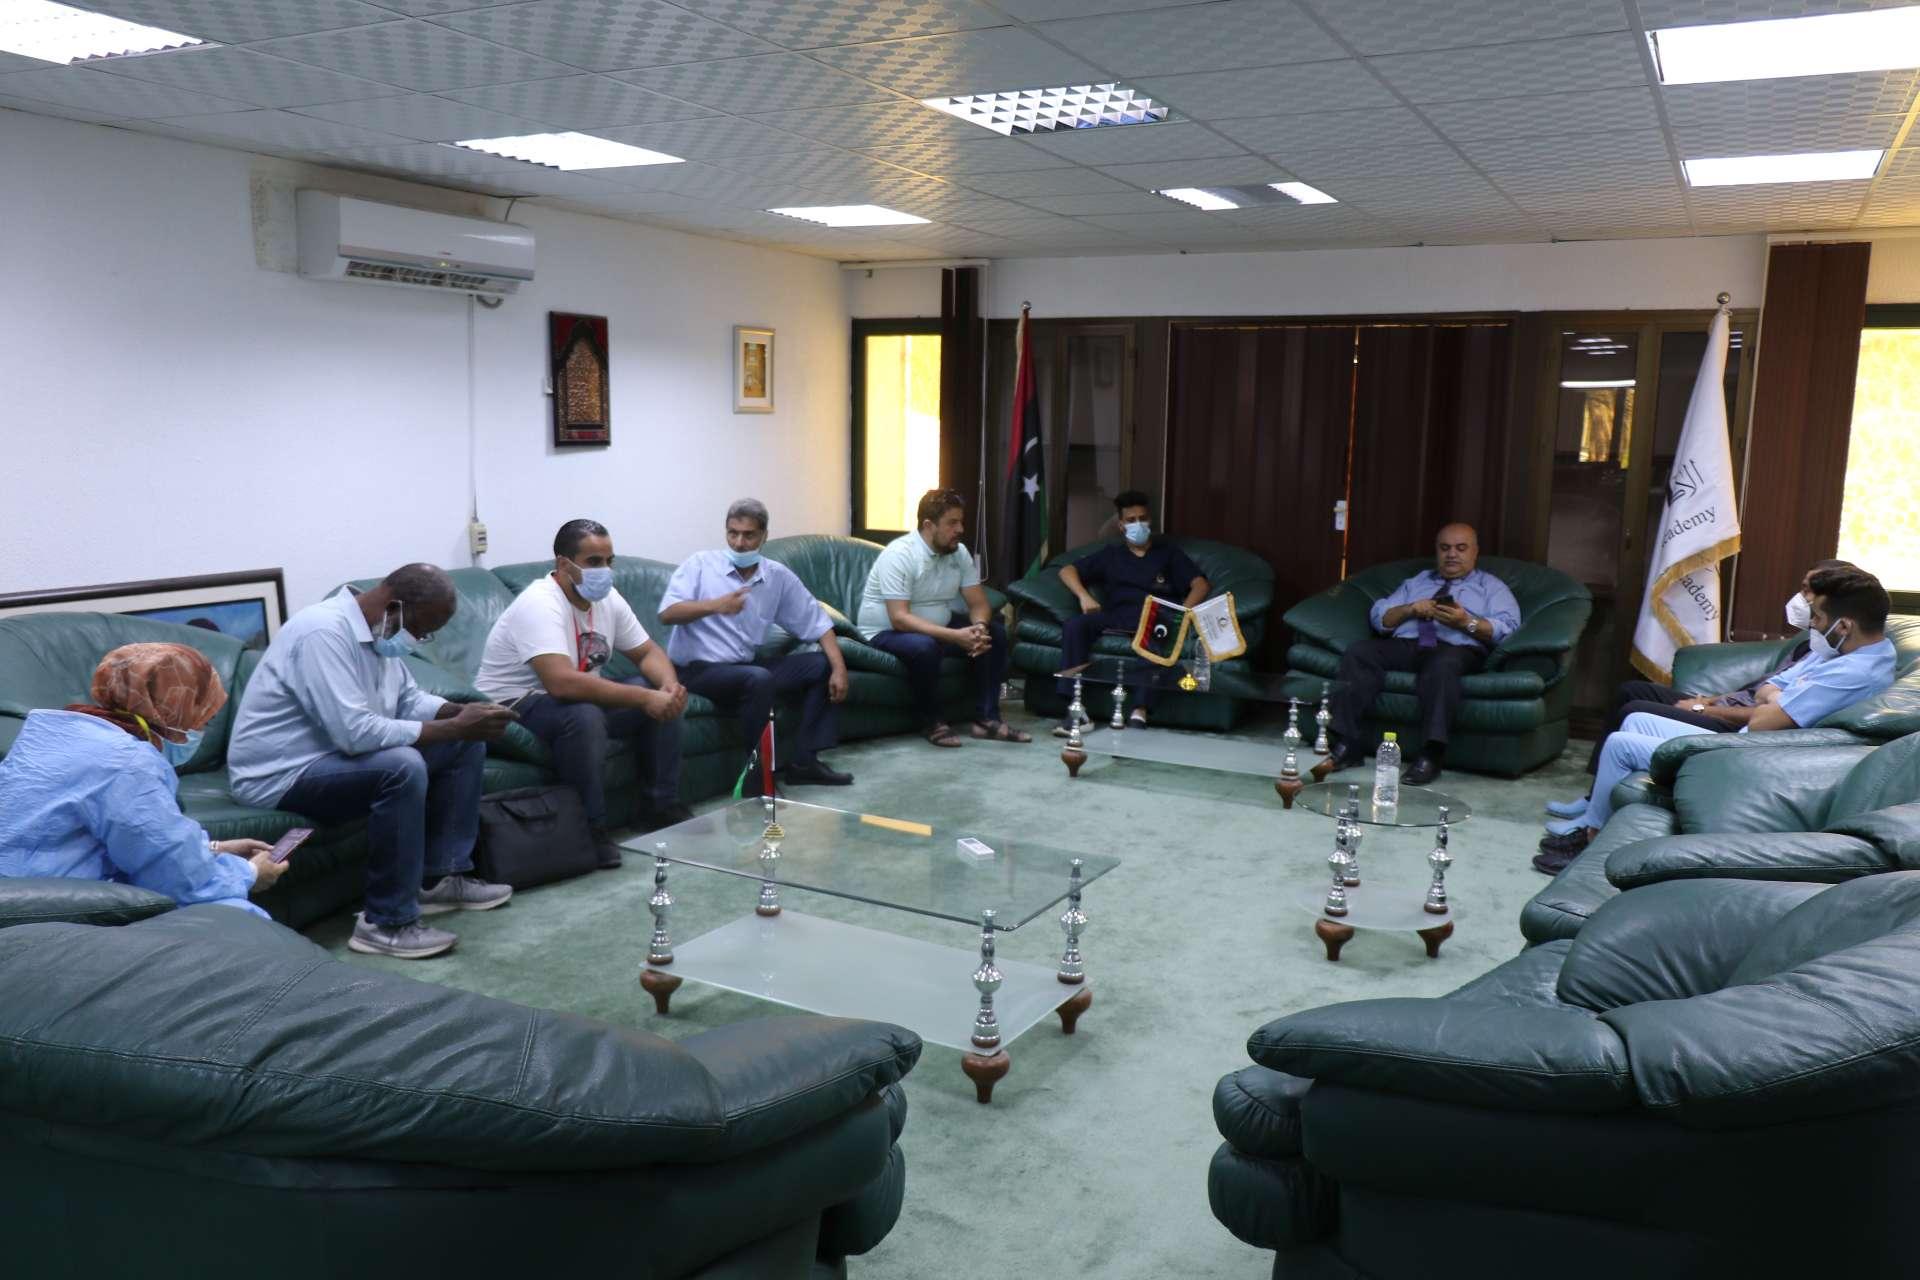 انطلاق الحملة الاستثنائية للتطعيم ضد فيروس كورونا بالأكاديمية الليبية